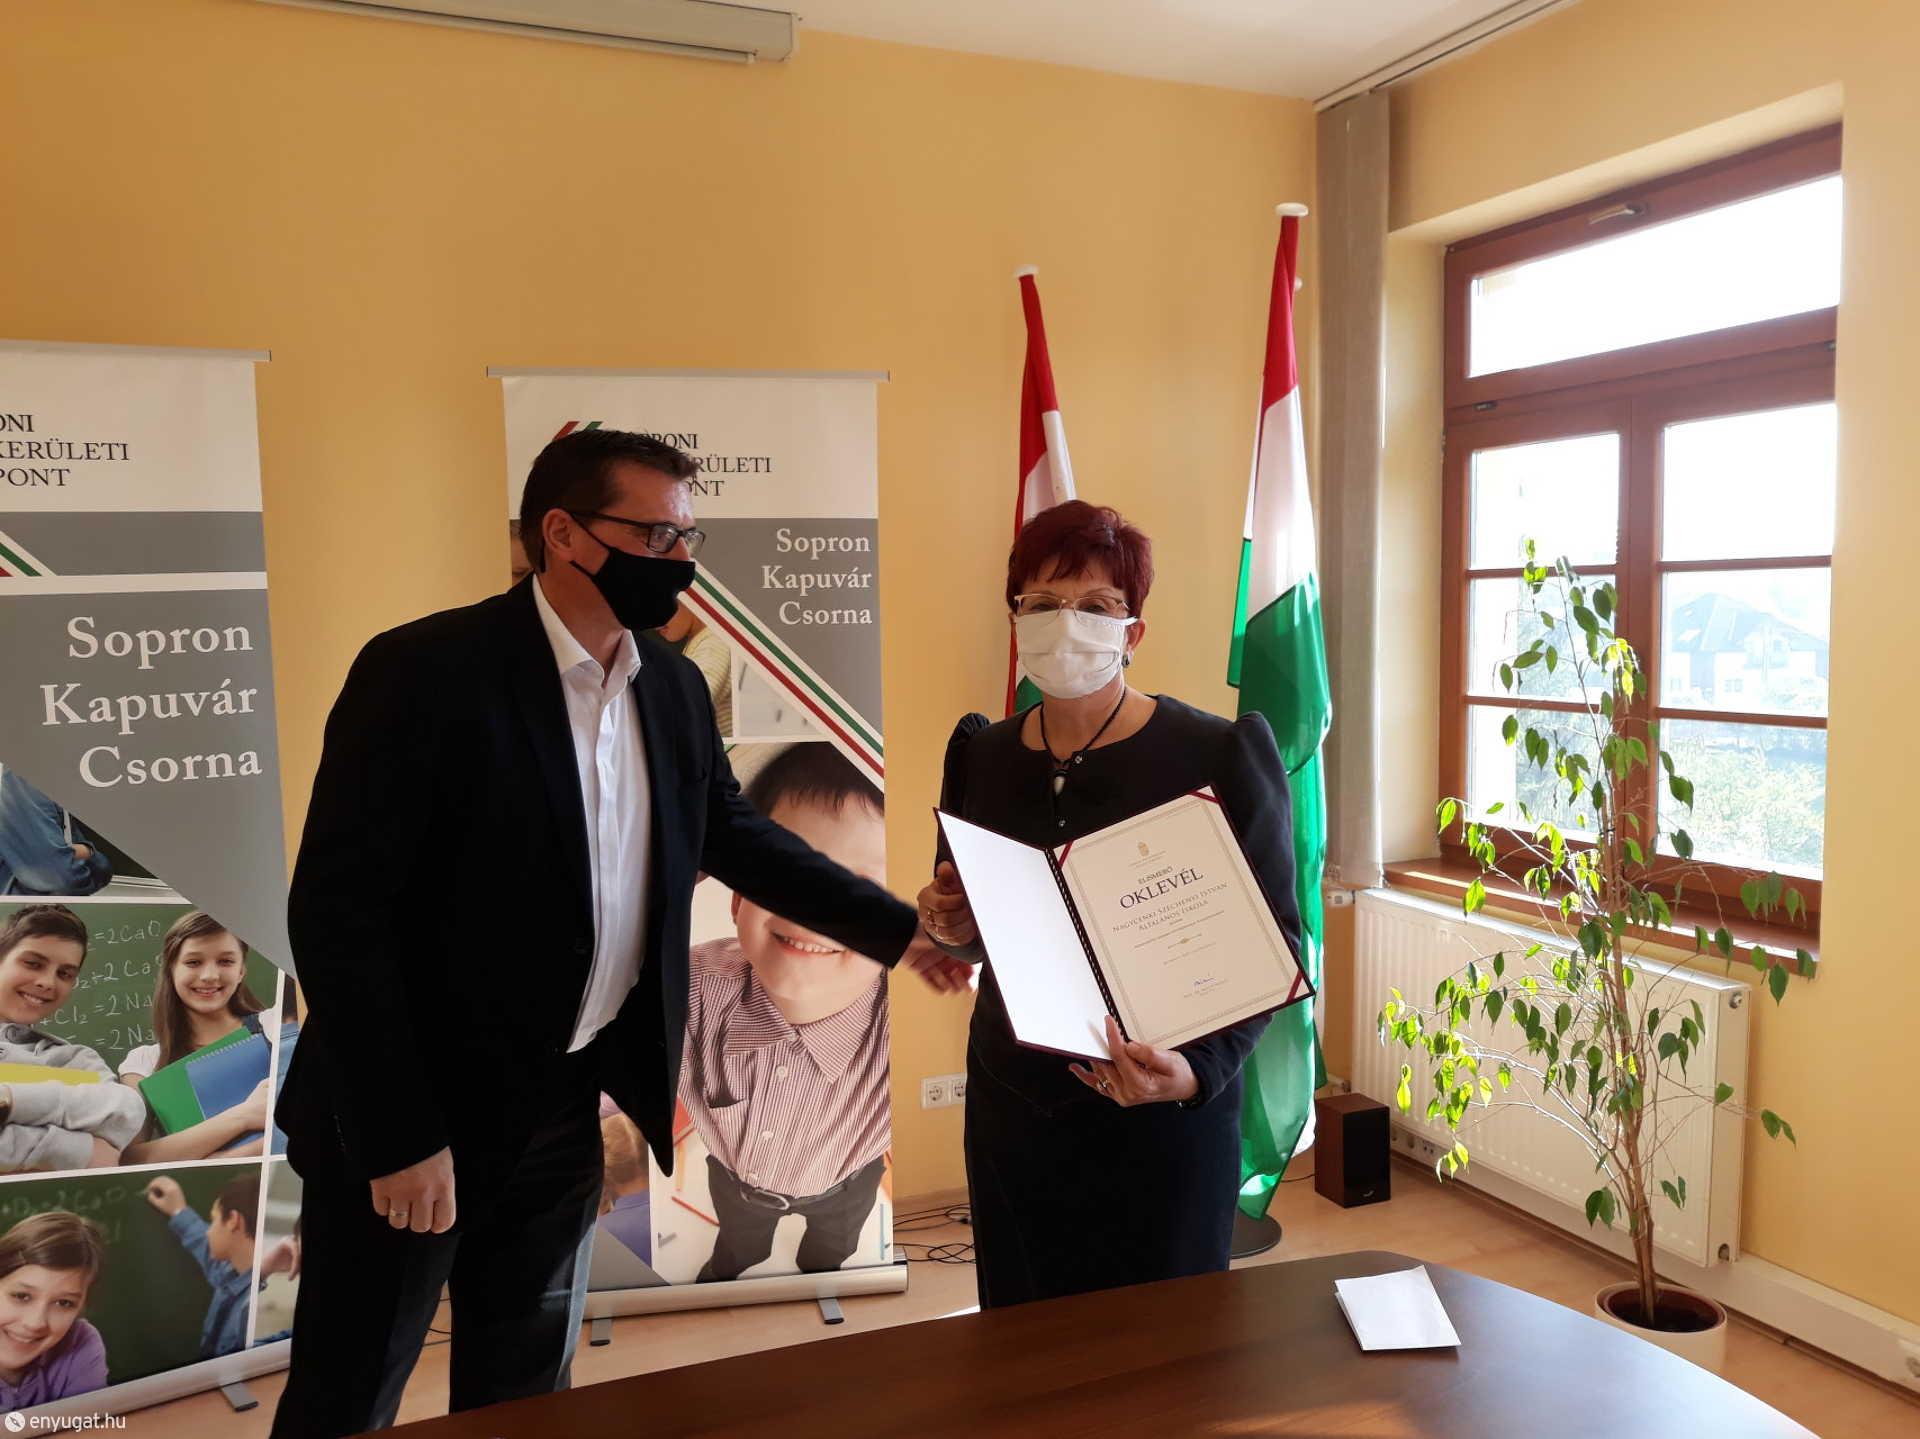 Marek János tankerületi igazgató gratulált elsőként az elismeréshez.